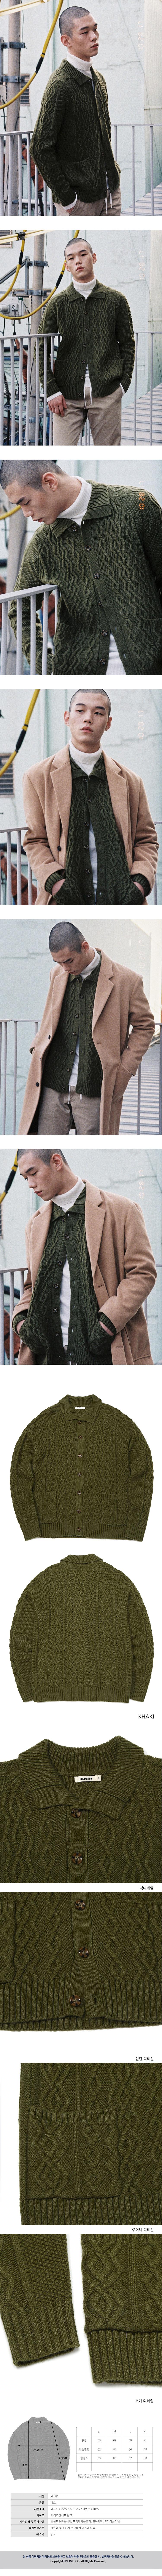 언리미트(UNLIMIT) Knit Cardigan (U17DTJK50)